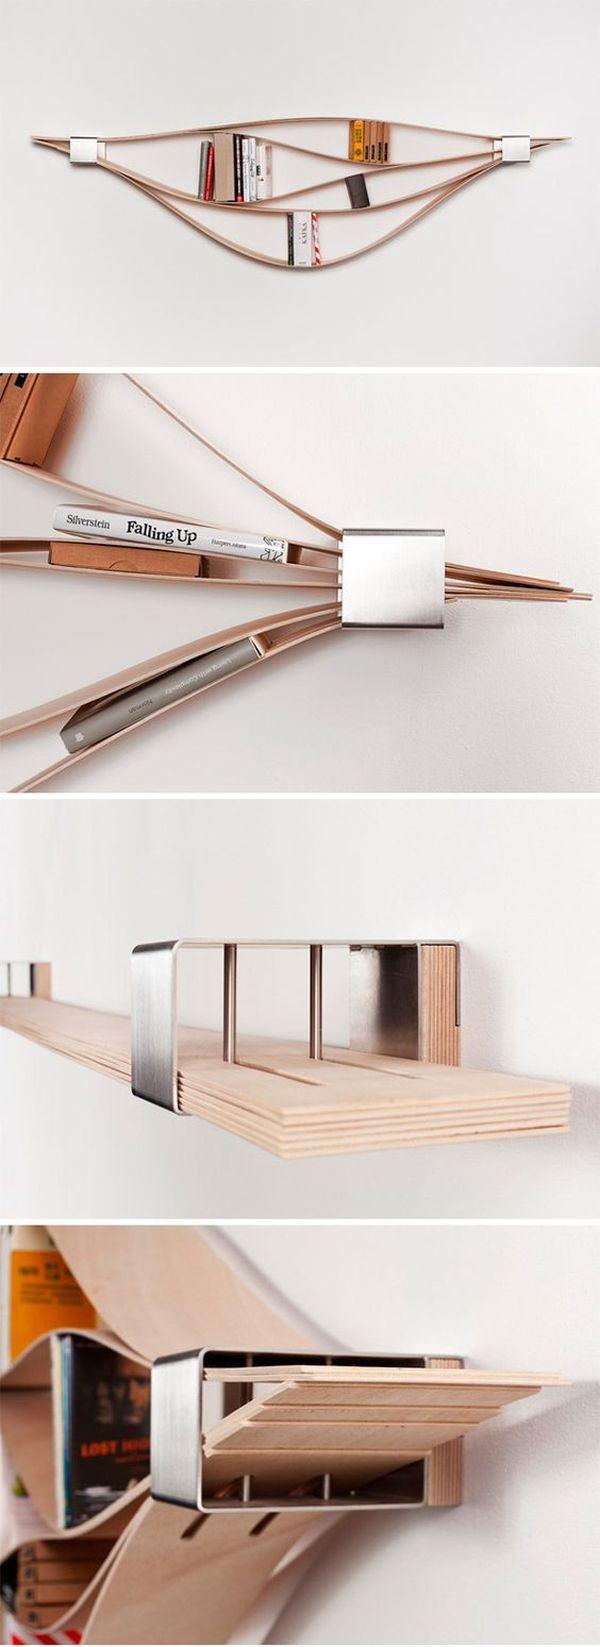 Rafturi din lemn – 14 solutii simple si elegante In ziua de astazi marea majoritate a oamenilor prefera amenajari interioare cat mai simple si mai cochete. Idei de rafturi din lemn http://ideipentrucasa.ro/rafturi-din-lemn-14-solutii-simple-si-elegante/